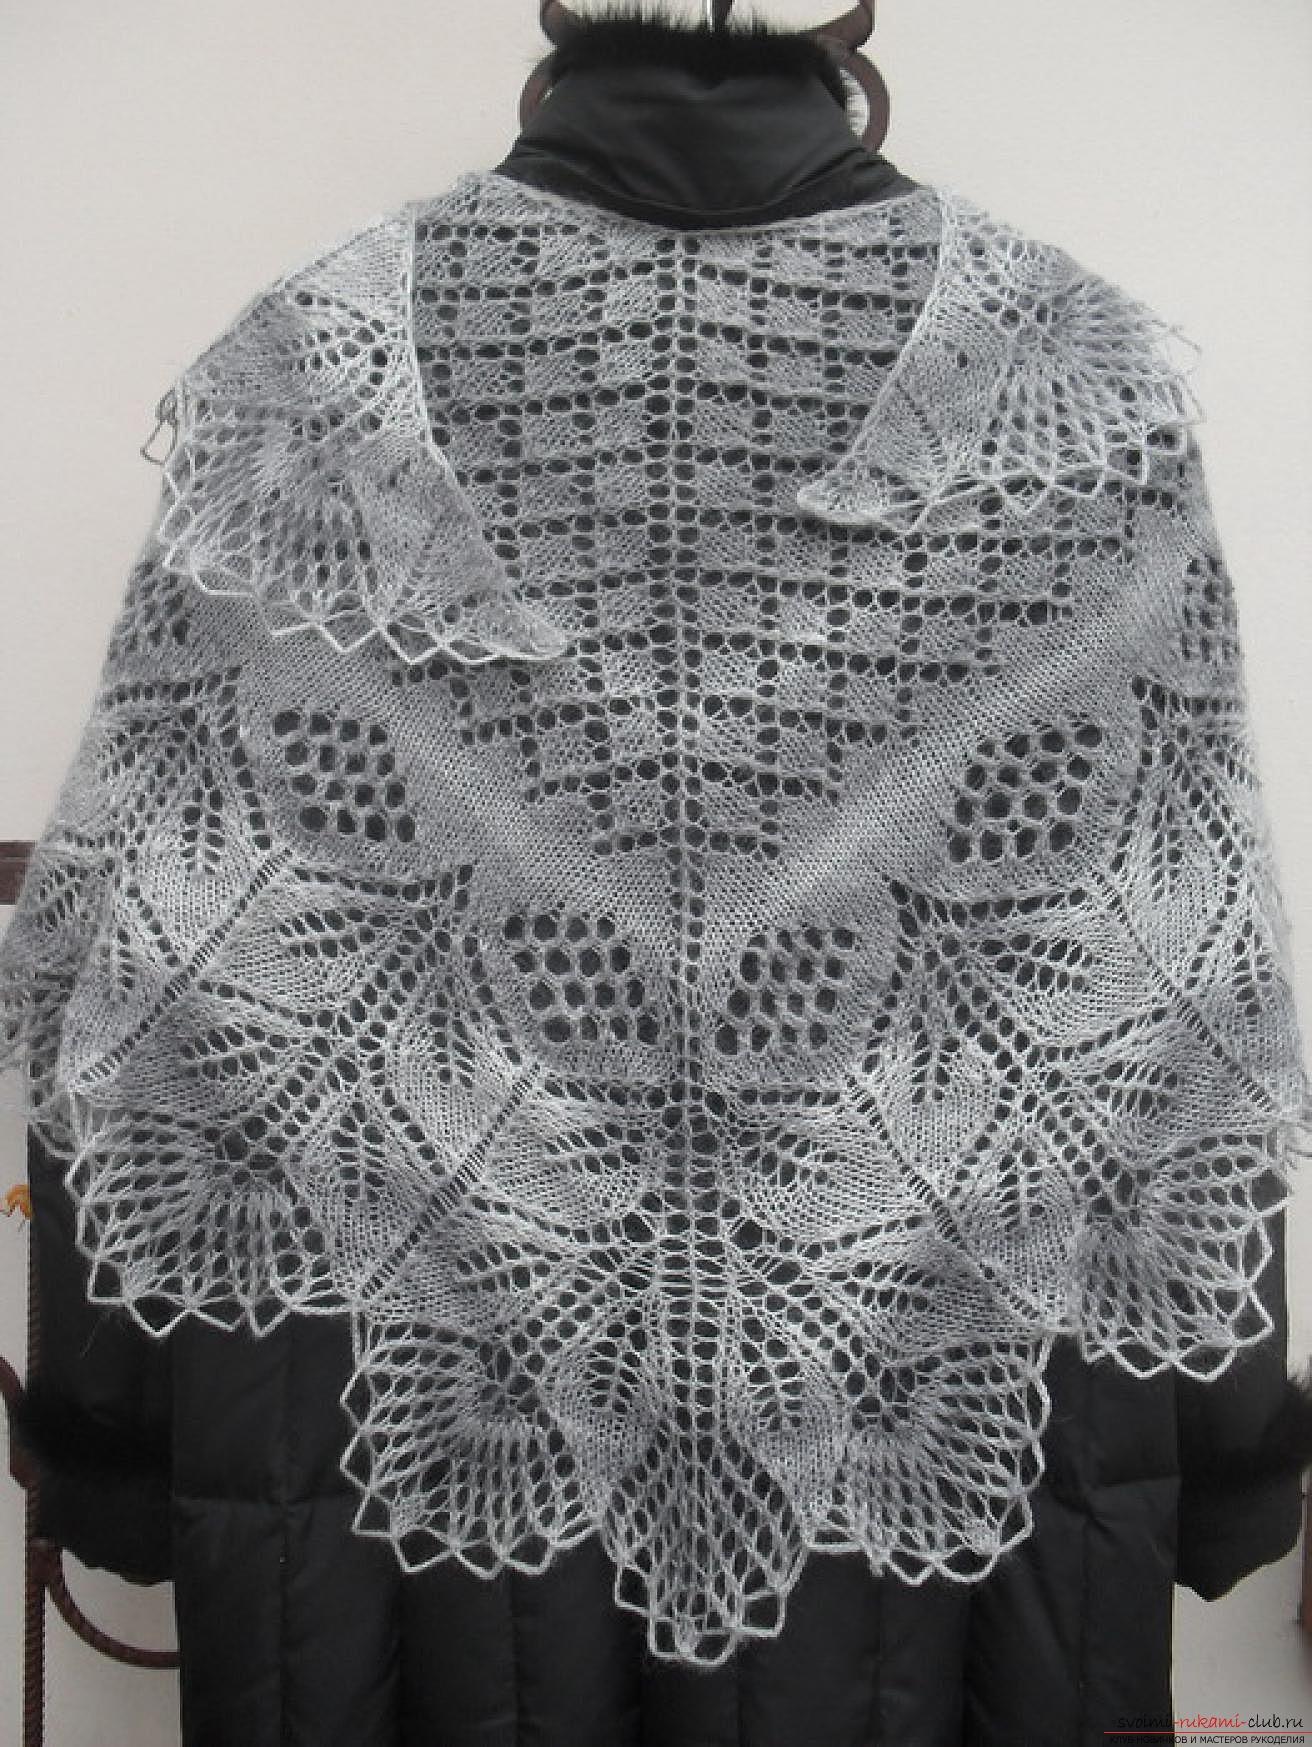 вязаная спицами изысканная шаль для женщин. Фото №4